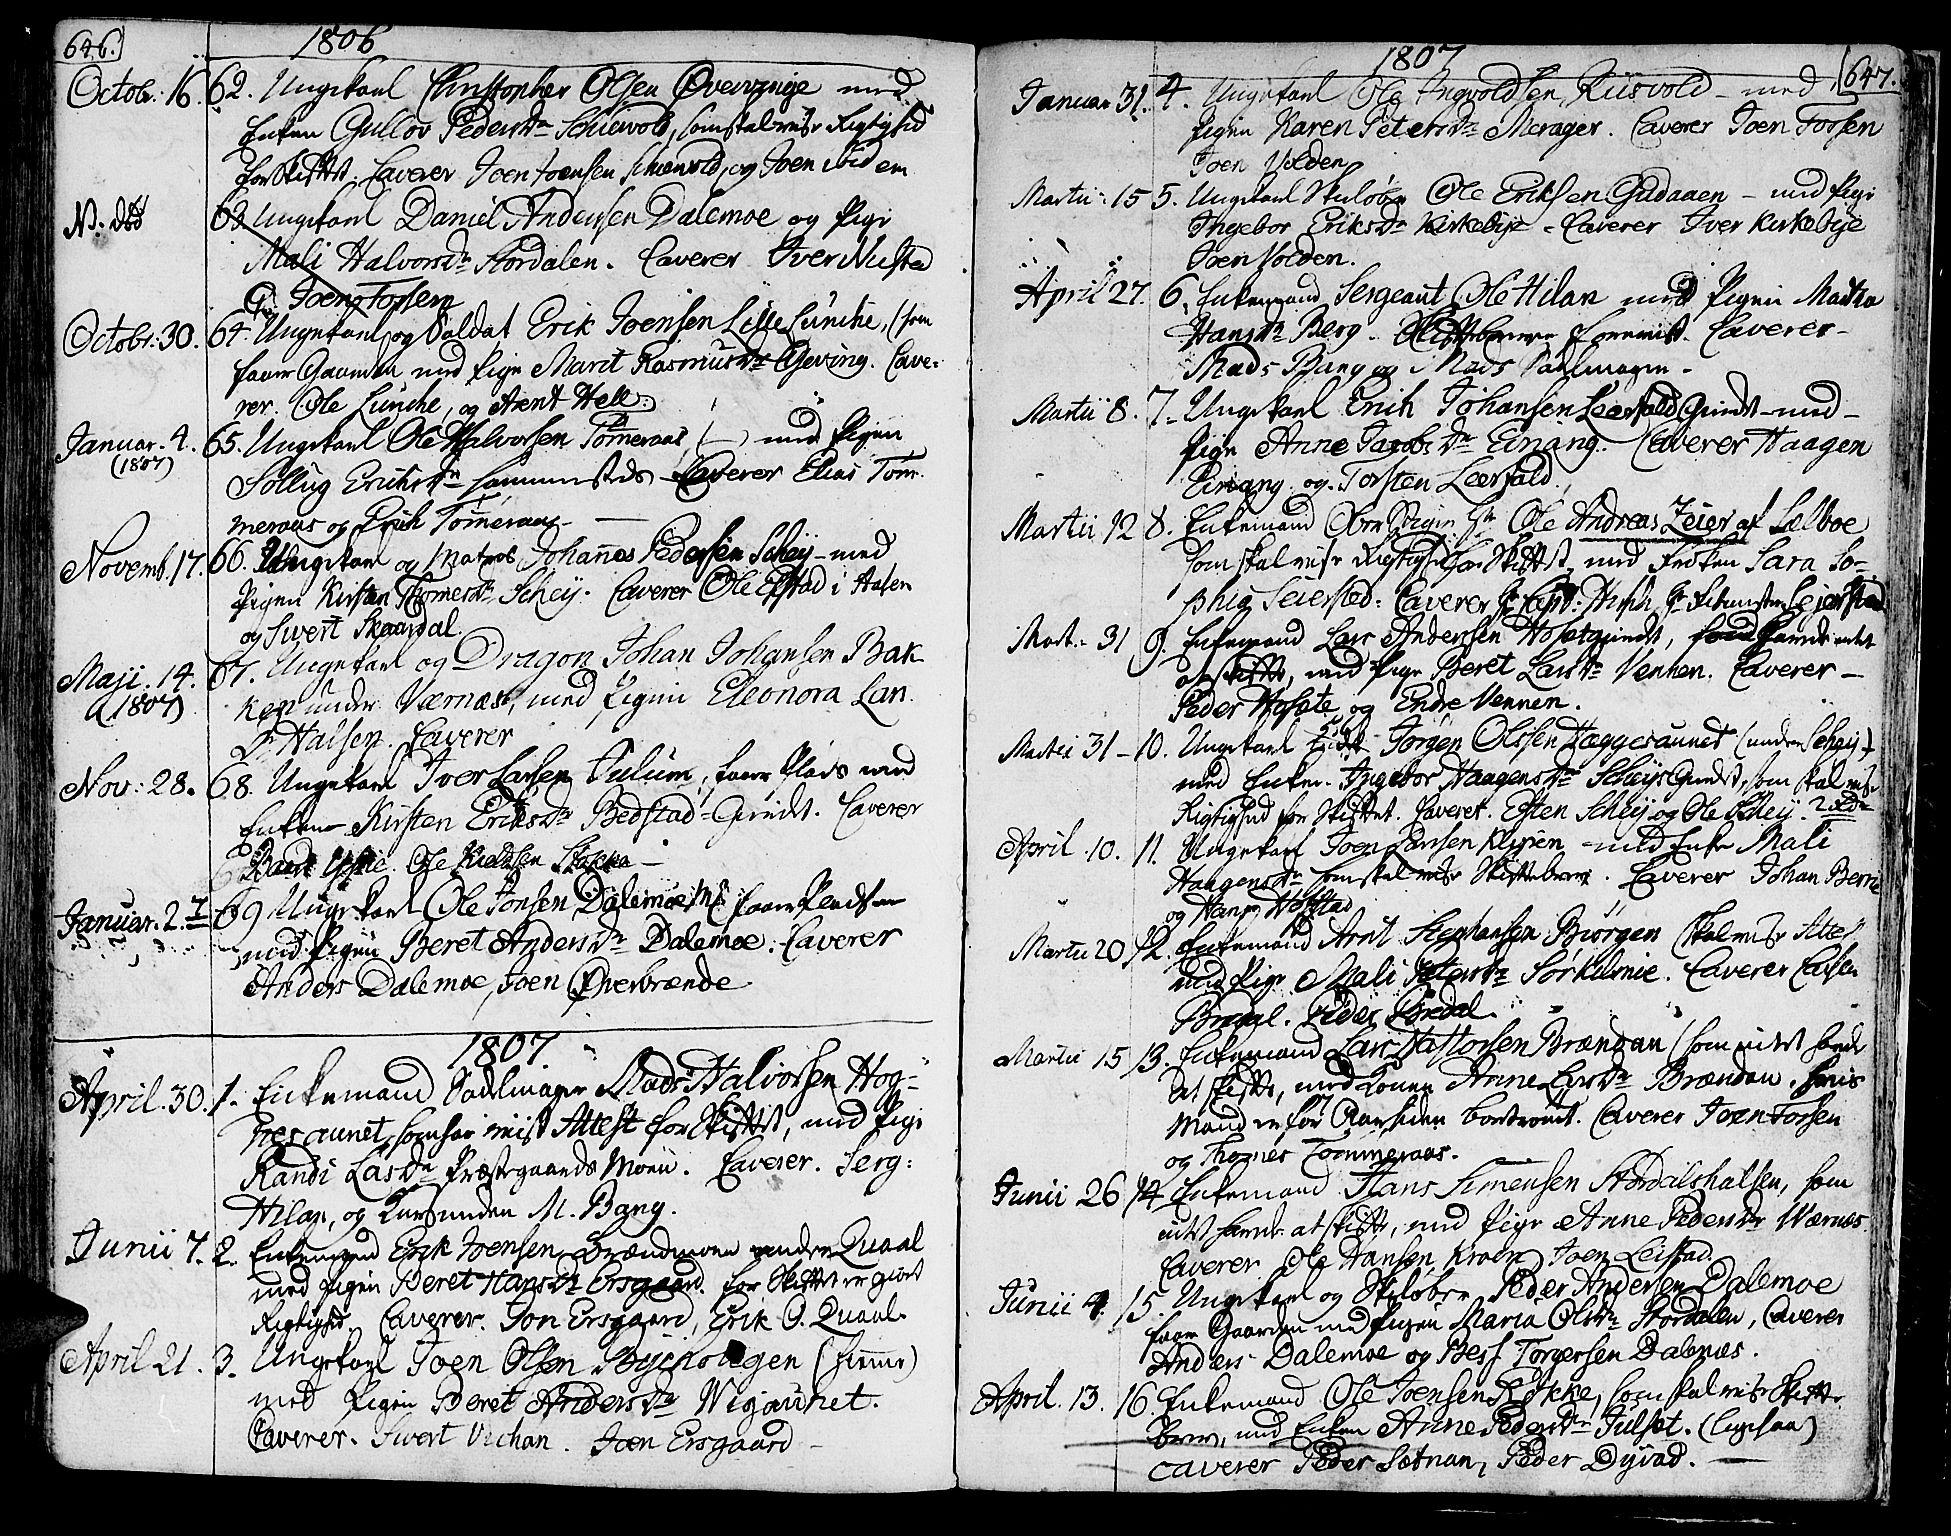 SAT, Ministerialprotokoller, klokkerbøker og fødselsregistre - Nord-Trøndelag, 709/L0060: Ministerialbok nr. 709A07, 1797-1815, s. 646-647